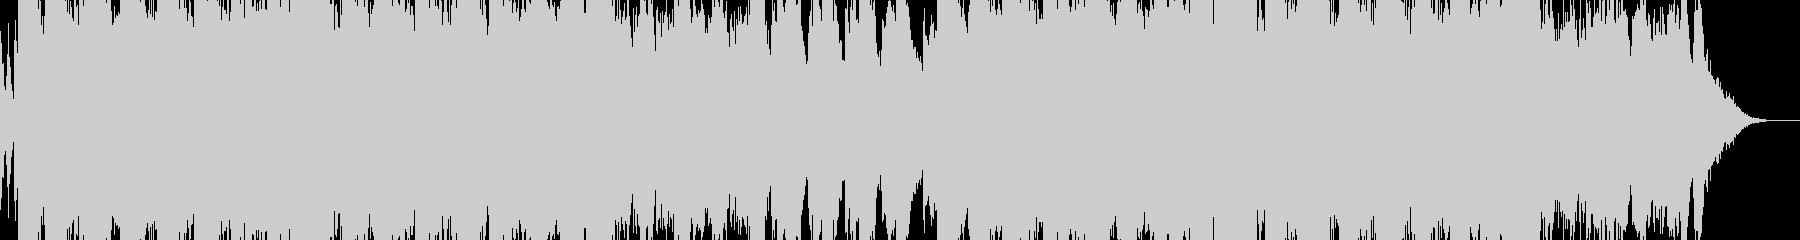 エピック系 オーケストラ クワイヤの未再生の波形